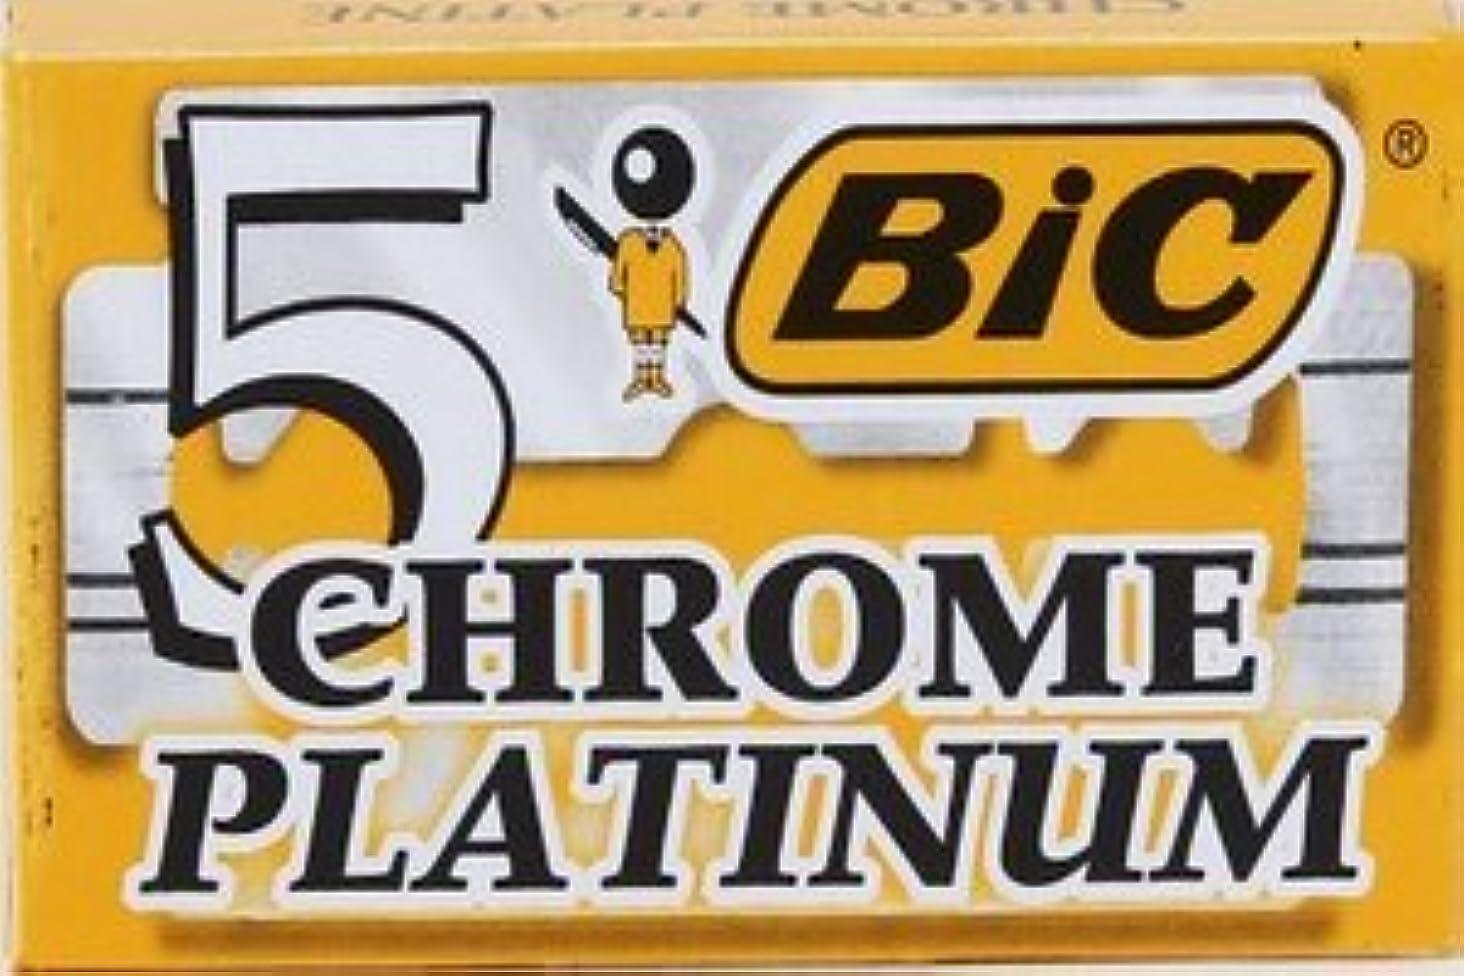 約束する粘り強い薄いですBIC Chrome Platinum 両刃替刃 5枚入り(5枚入り1 個セット)【並行輸入品】